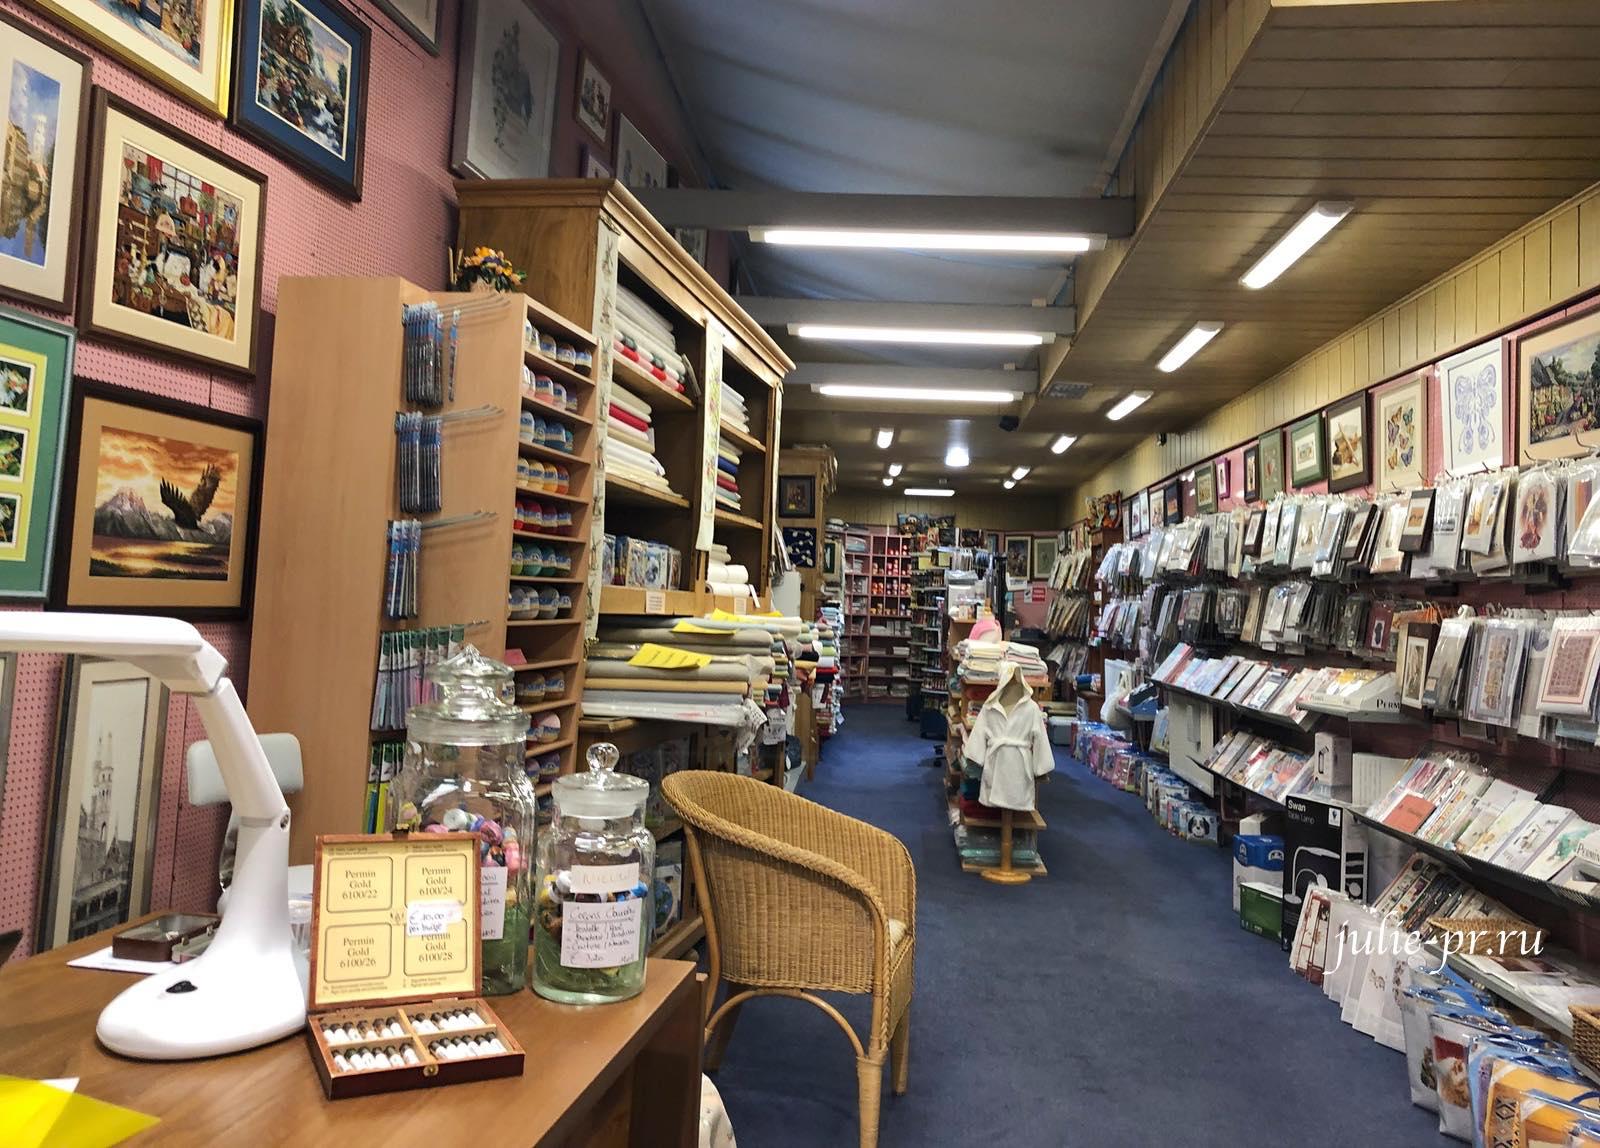 вышивка крестом, Брюгге, Бельгия, рукодельный магазин t Handwerkhuisje